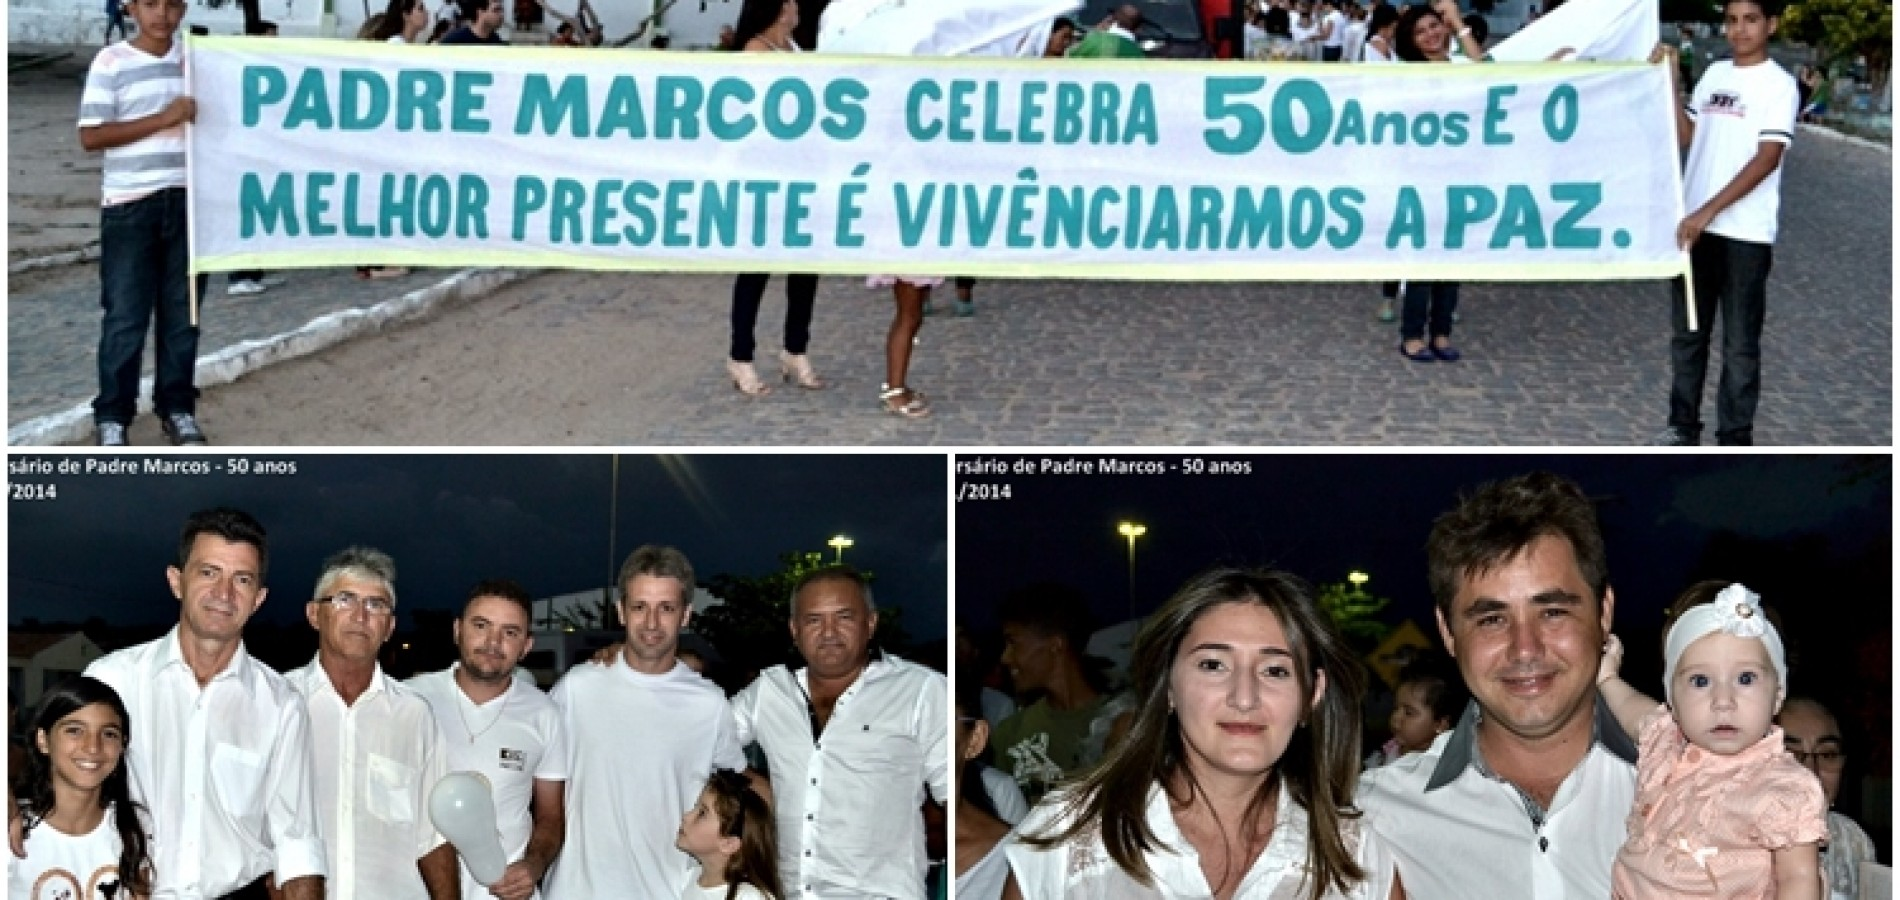 PADRE MARCOS 50 ANOS: Caminhada pela Paz, Missa e Show Católico